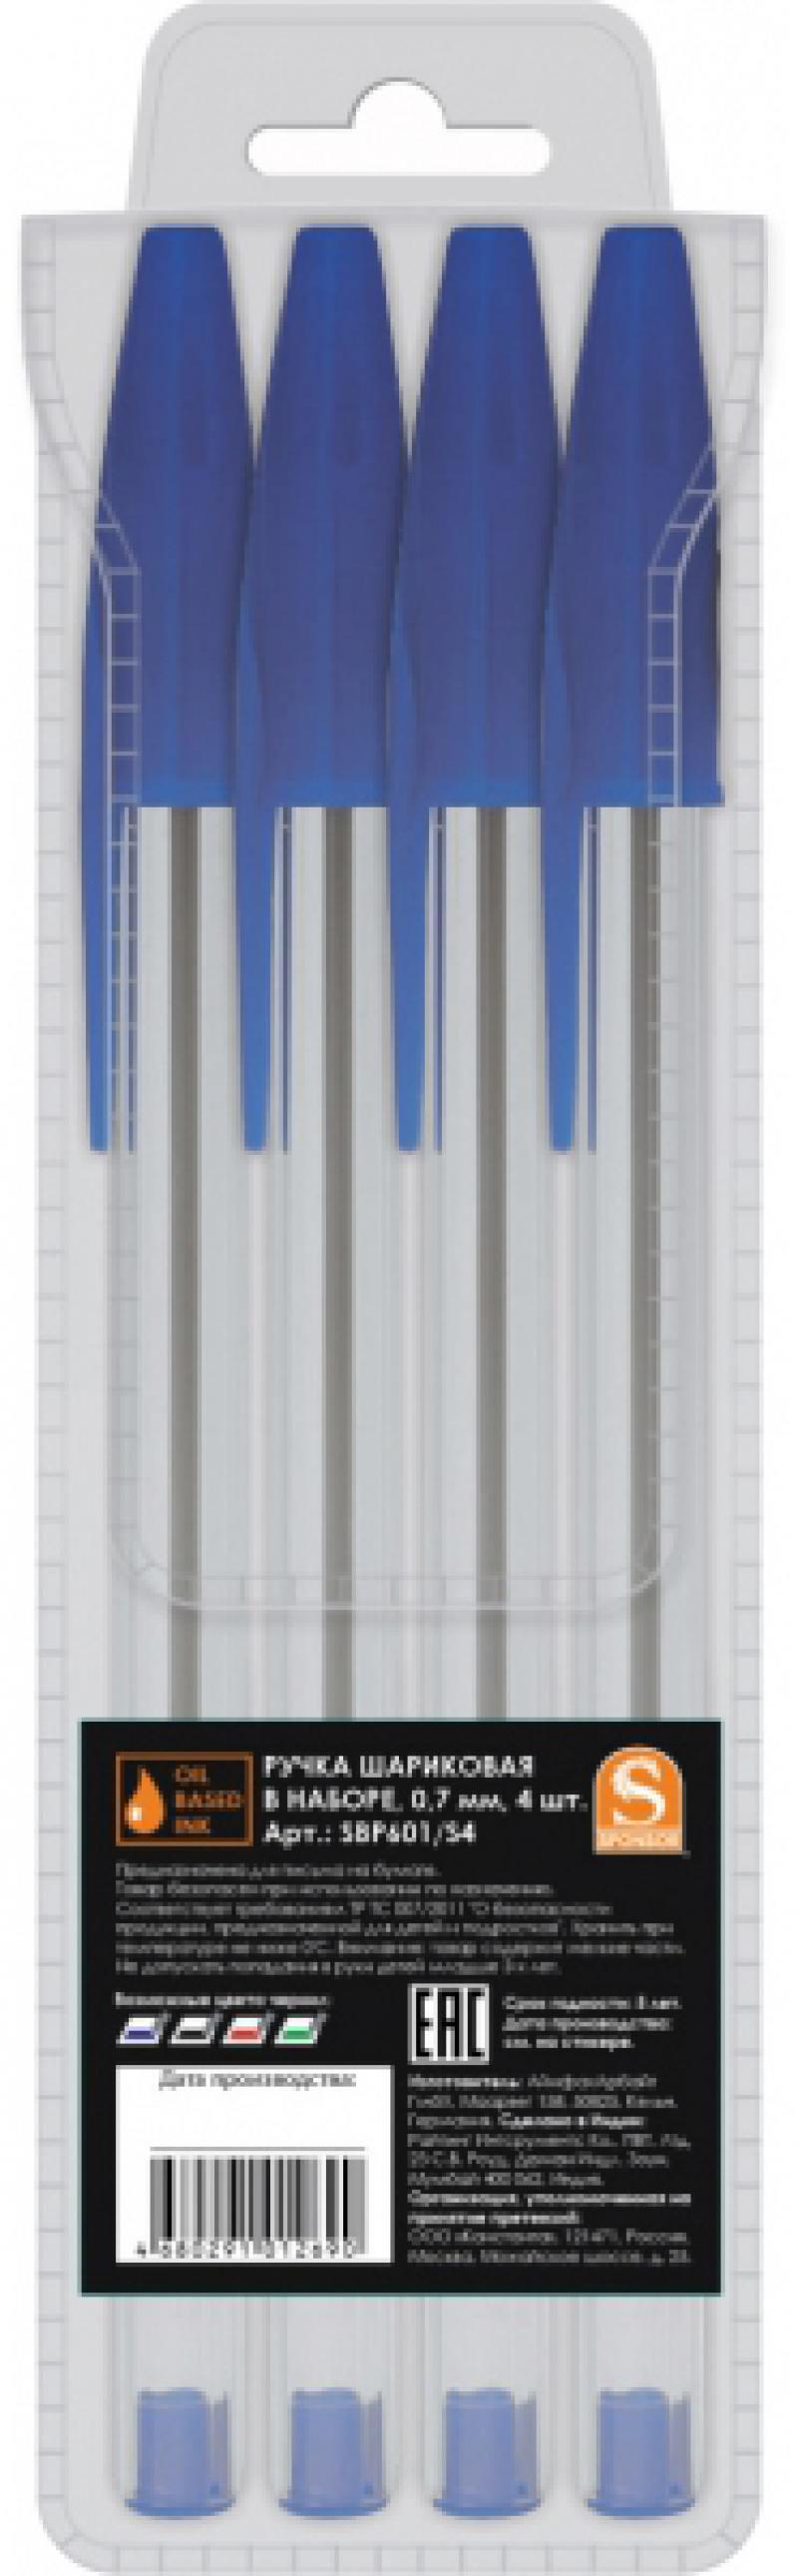 Набор шариковых ручек SPONSOR SBP601/S4-1 4 шт синий 0.7 мм SBP601/S4-1 набор шариковых ручек fiore 4 шт цвет синий